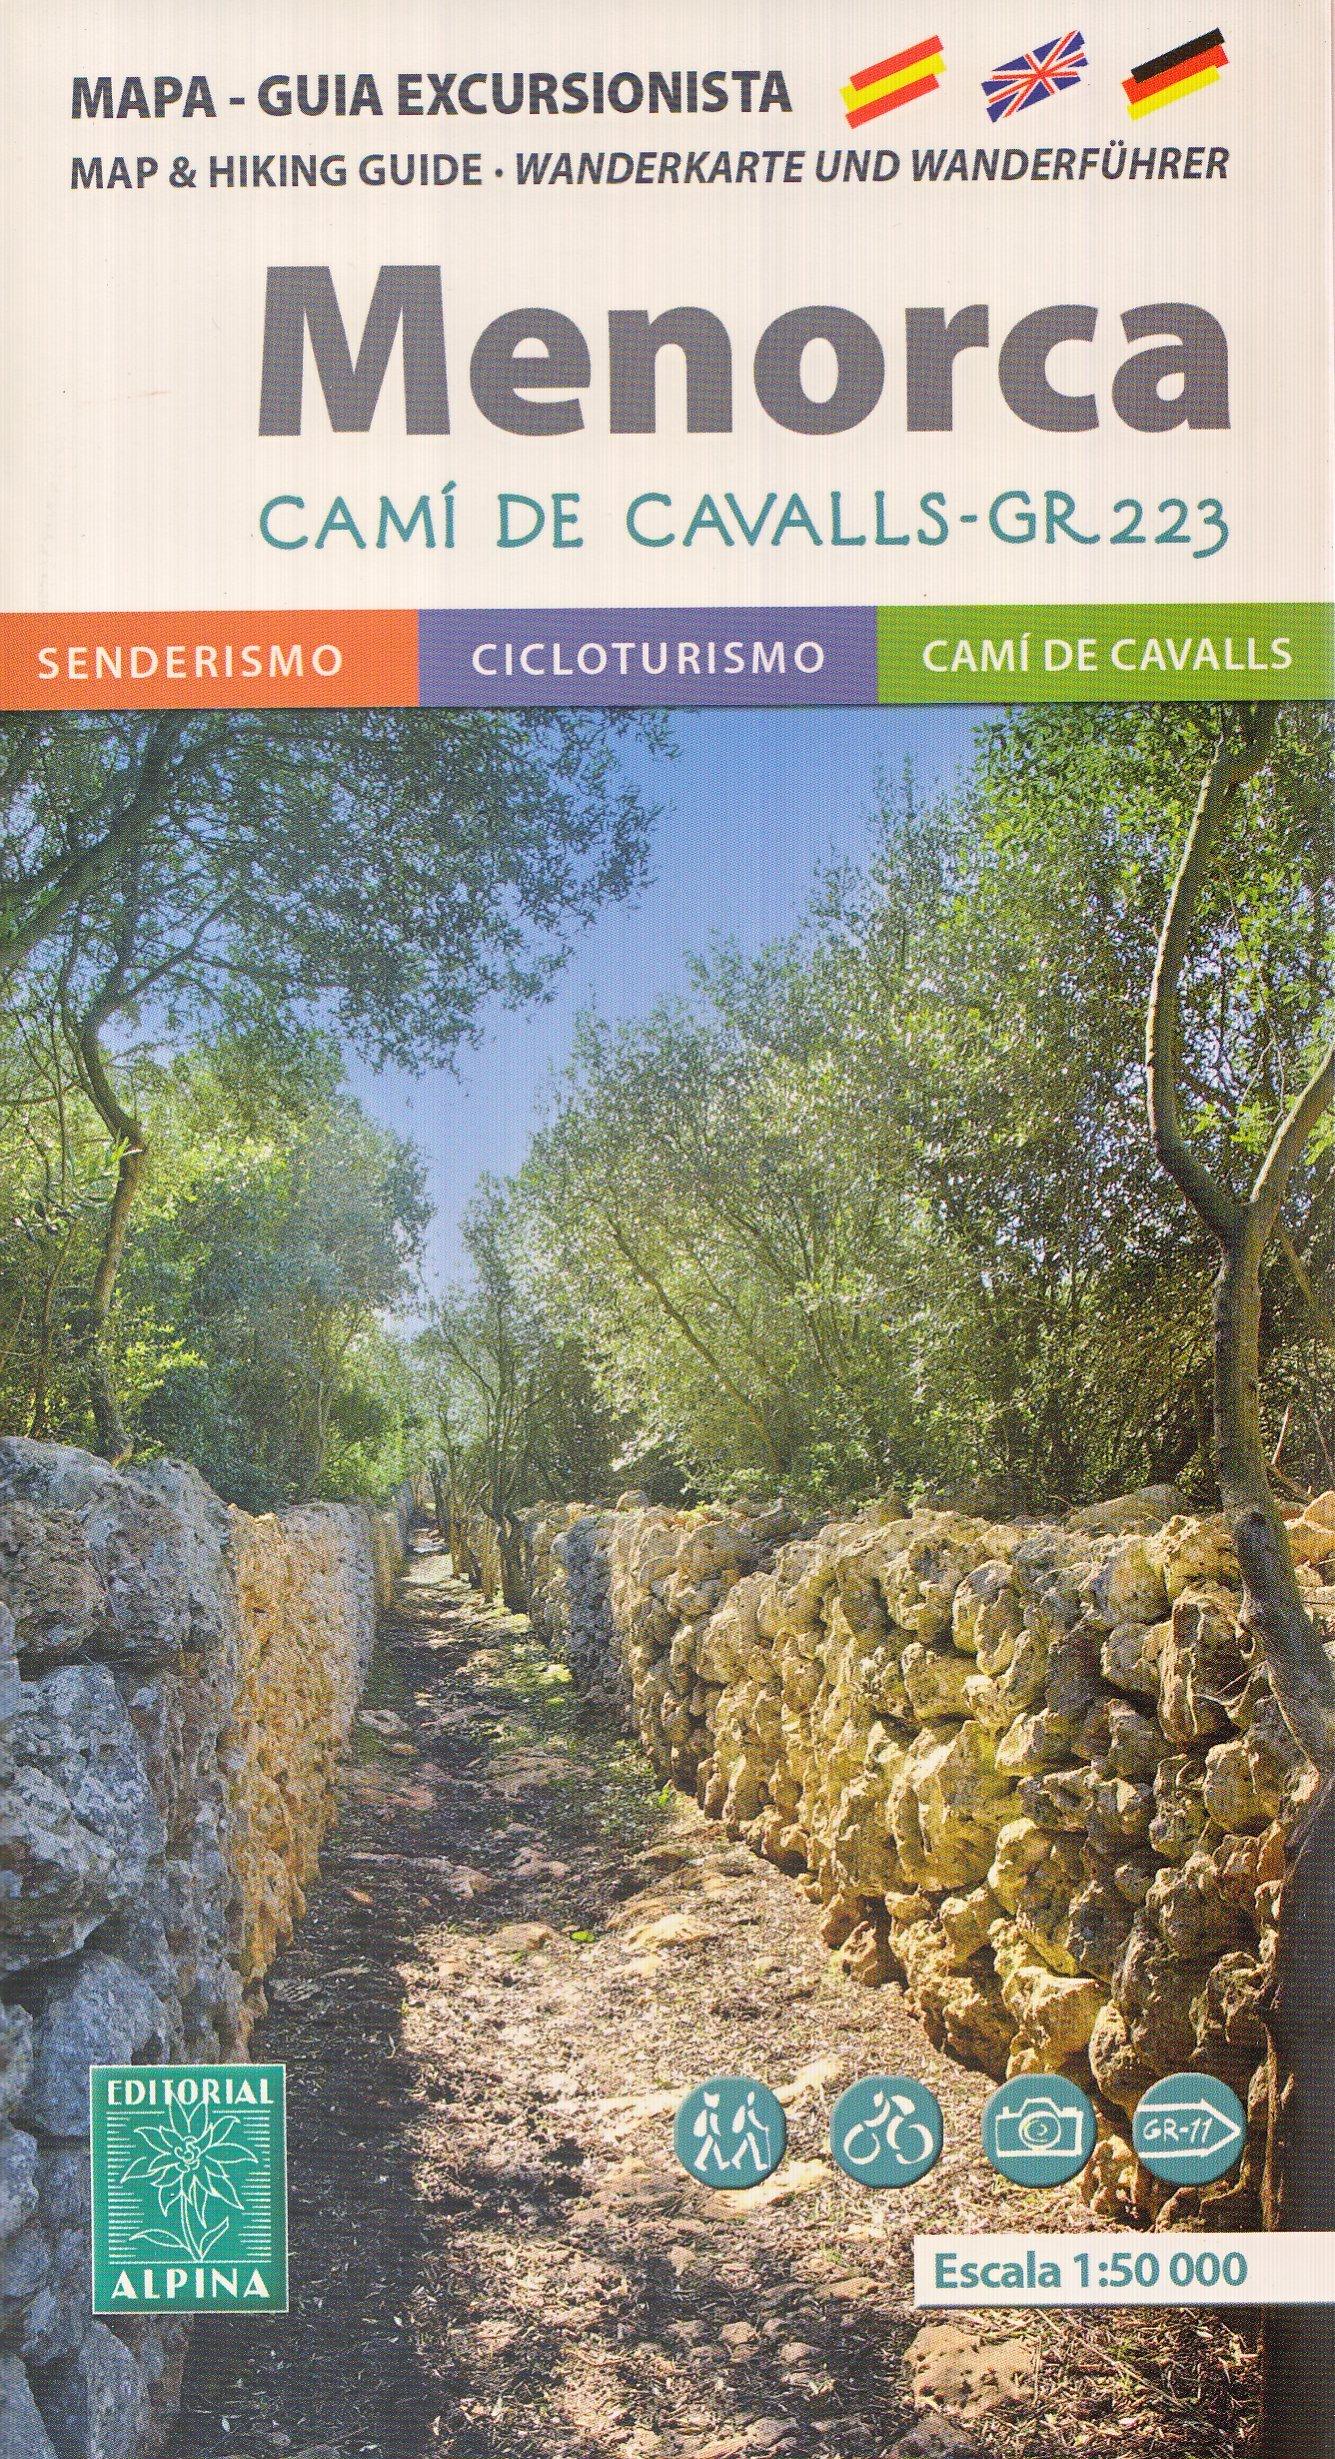 Camí de Cavalls - GR 223 - Menorca Senderismo Mapa y Guía 1:50.000 ...